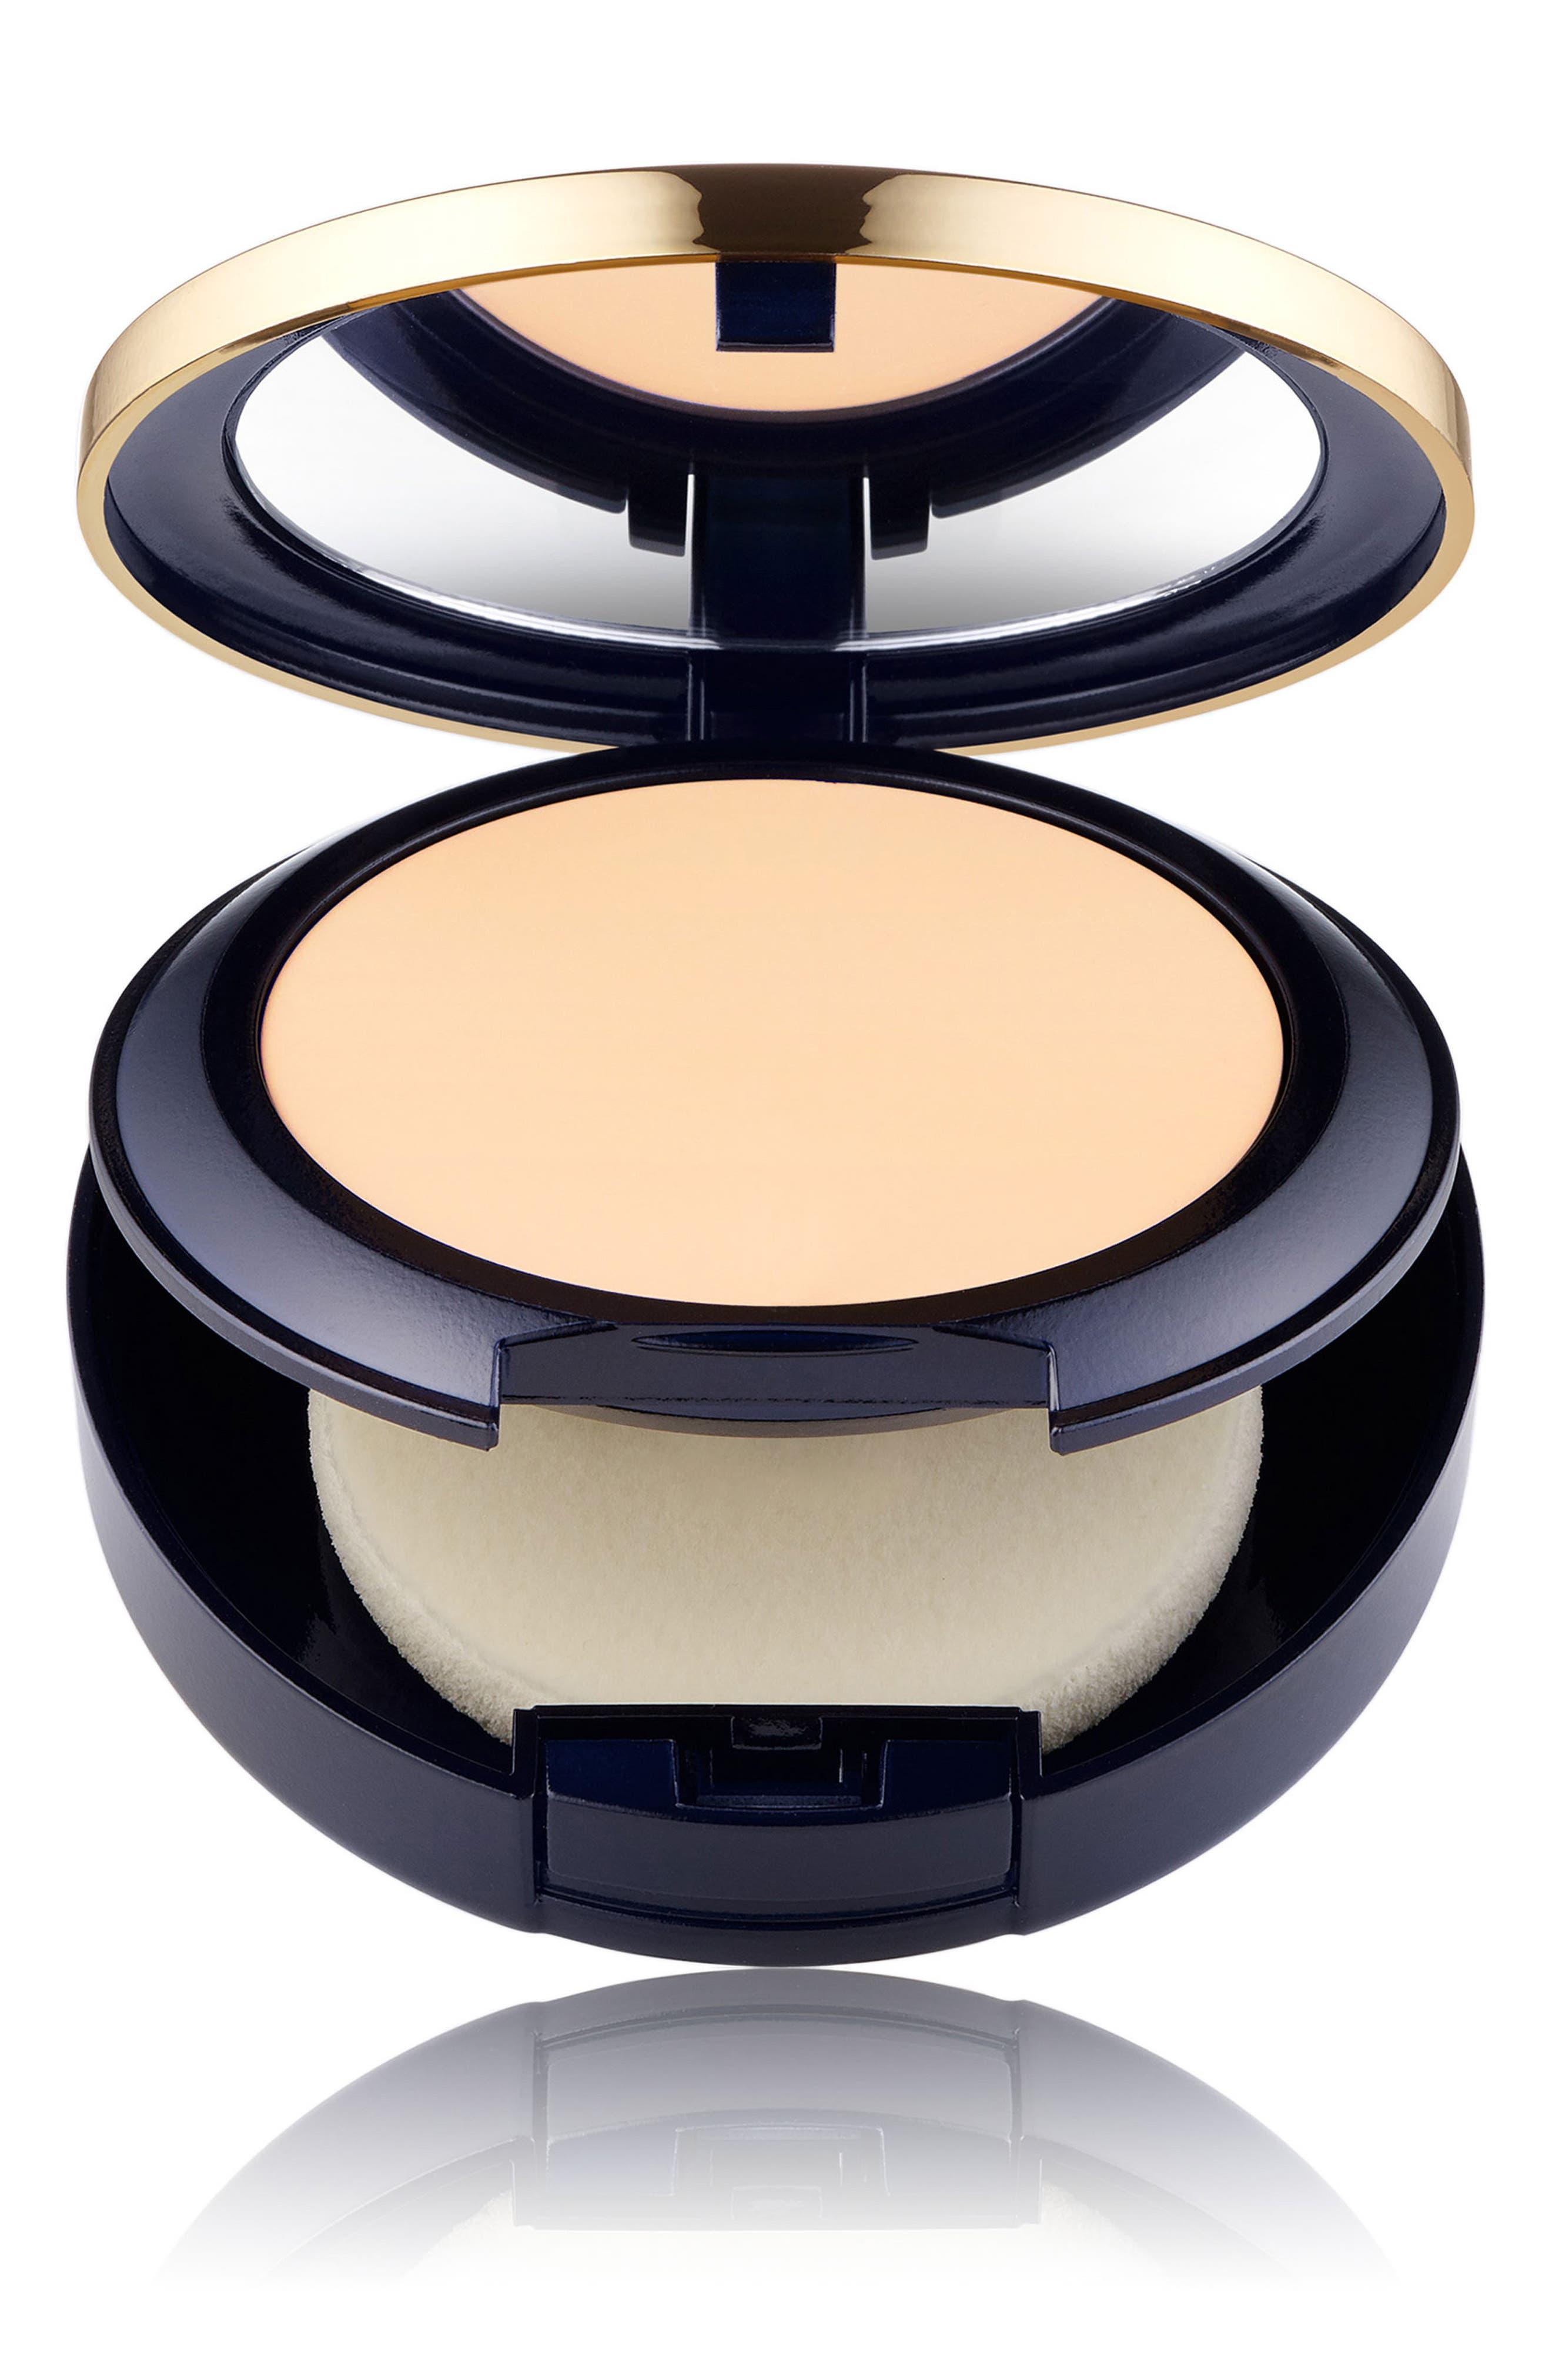 Estee Lauder Double Wear Stay In Place Matte Powder Foundation - 2N1 Desert Beige